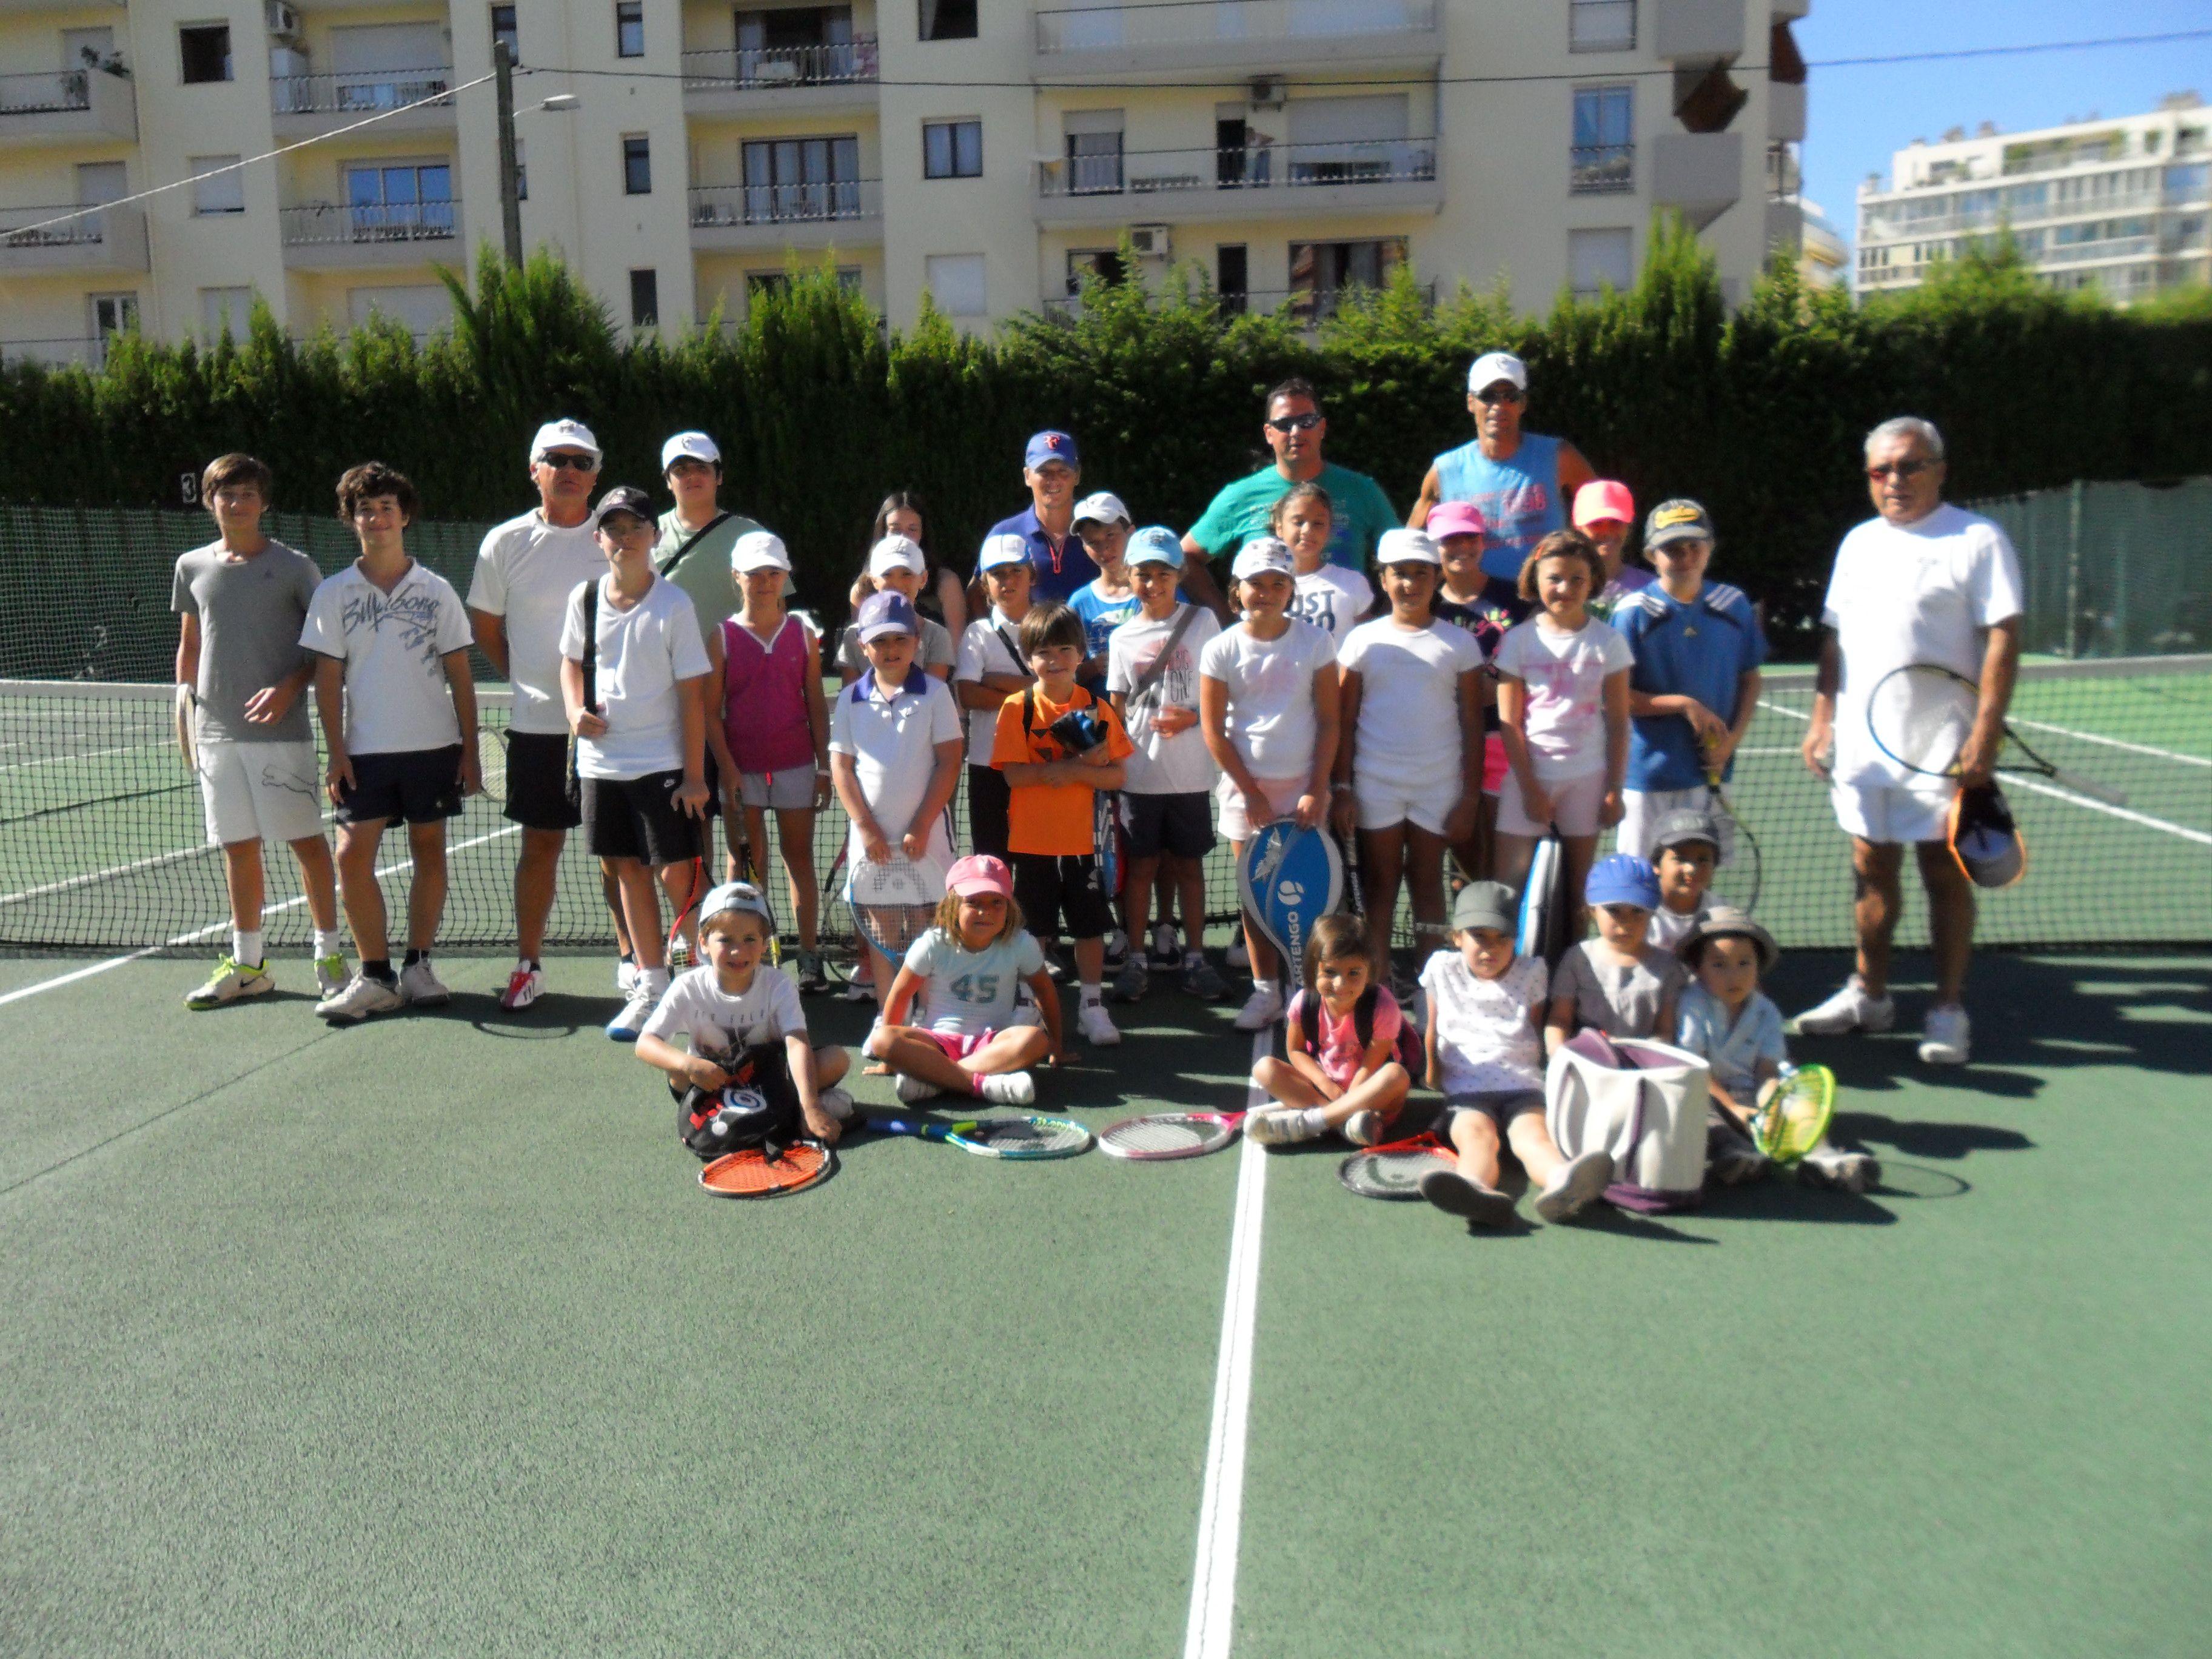 Été 2013 Stage tennis - Cannes Tennis Club